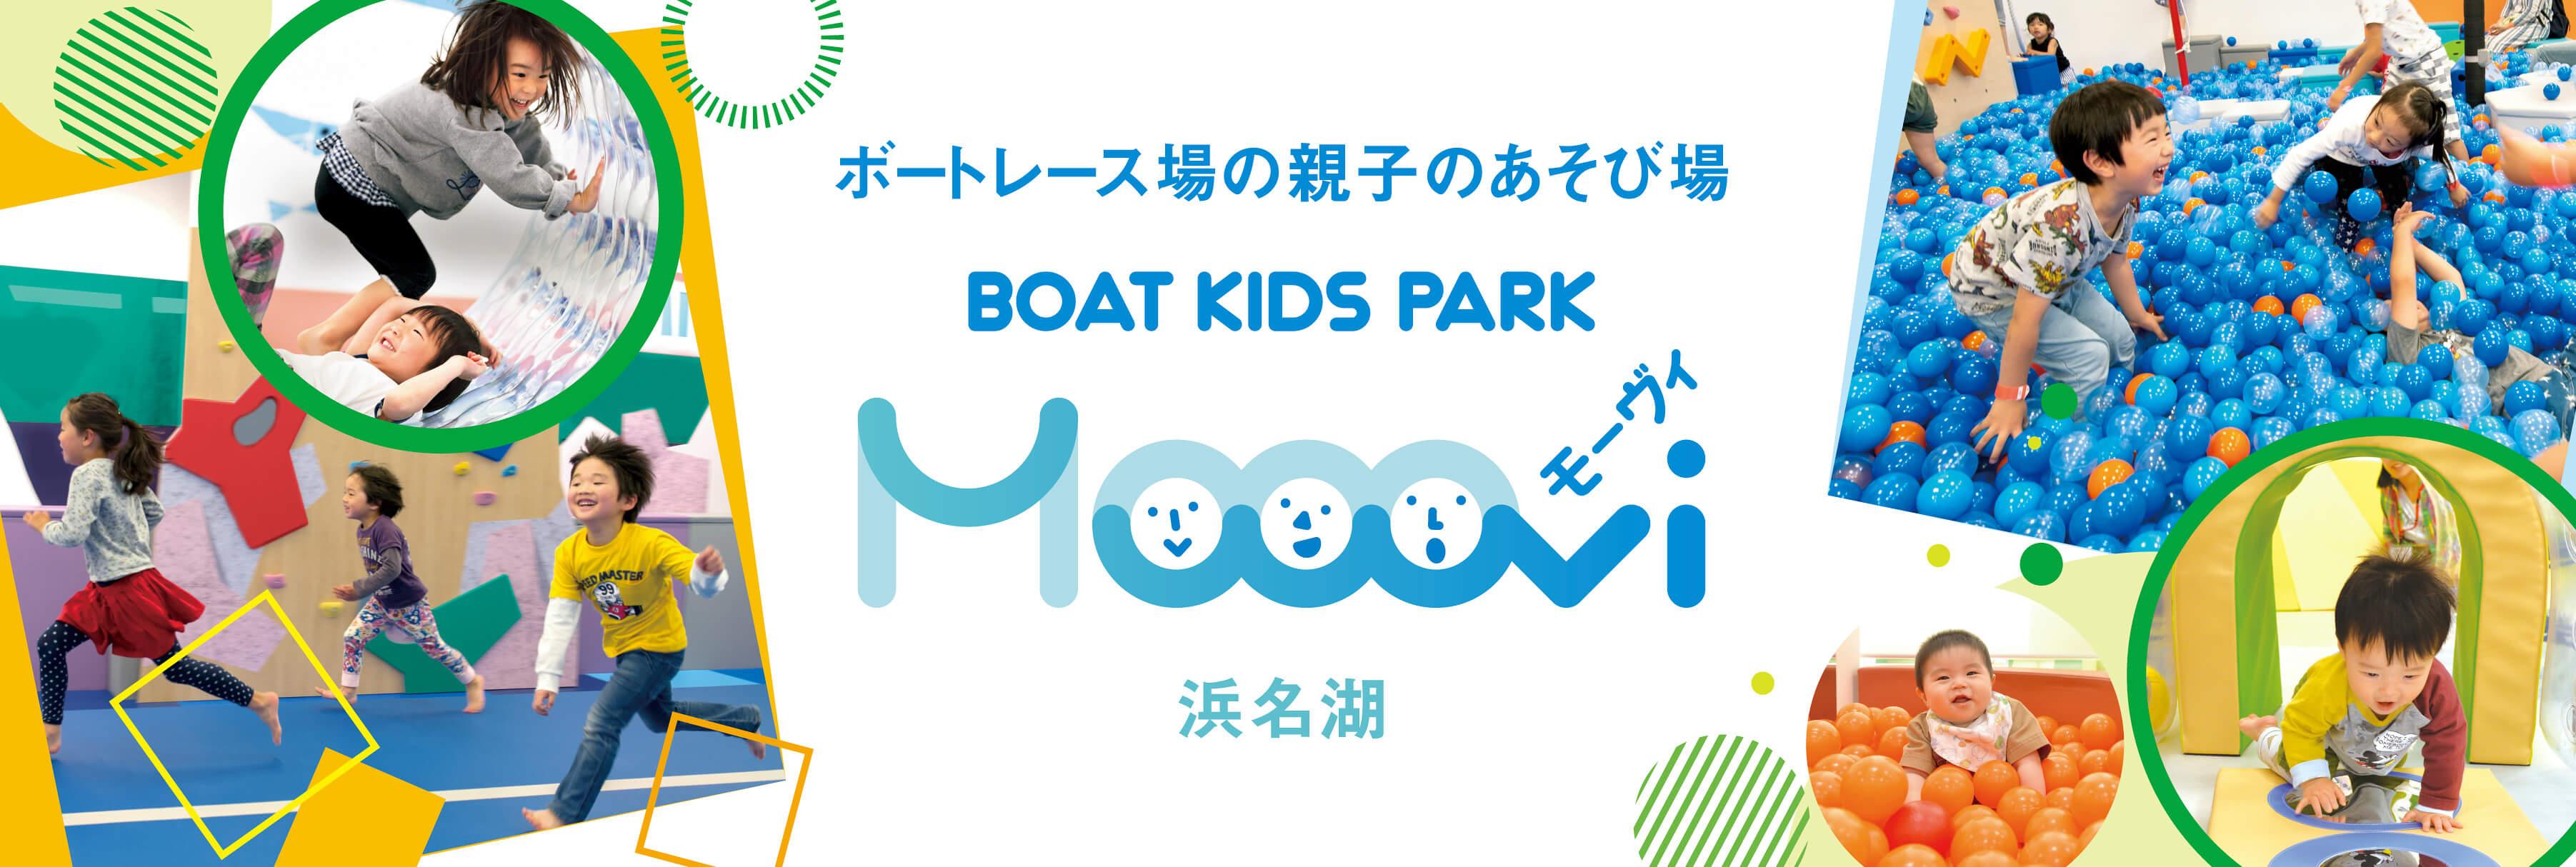 浜名 湖 競艇 ライブ 無料